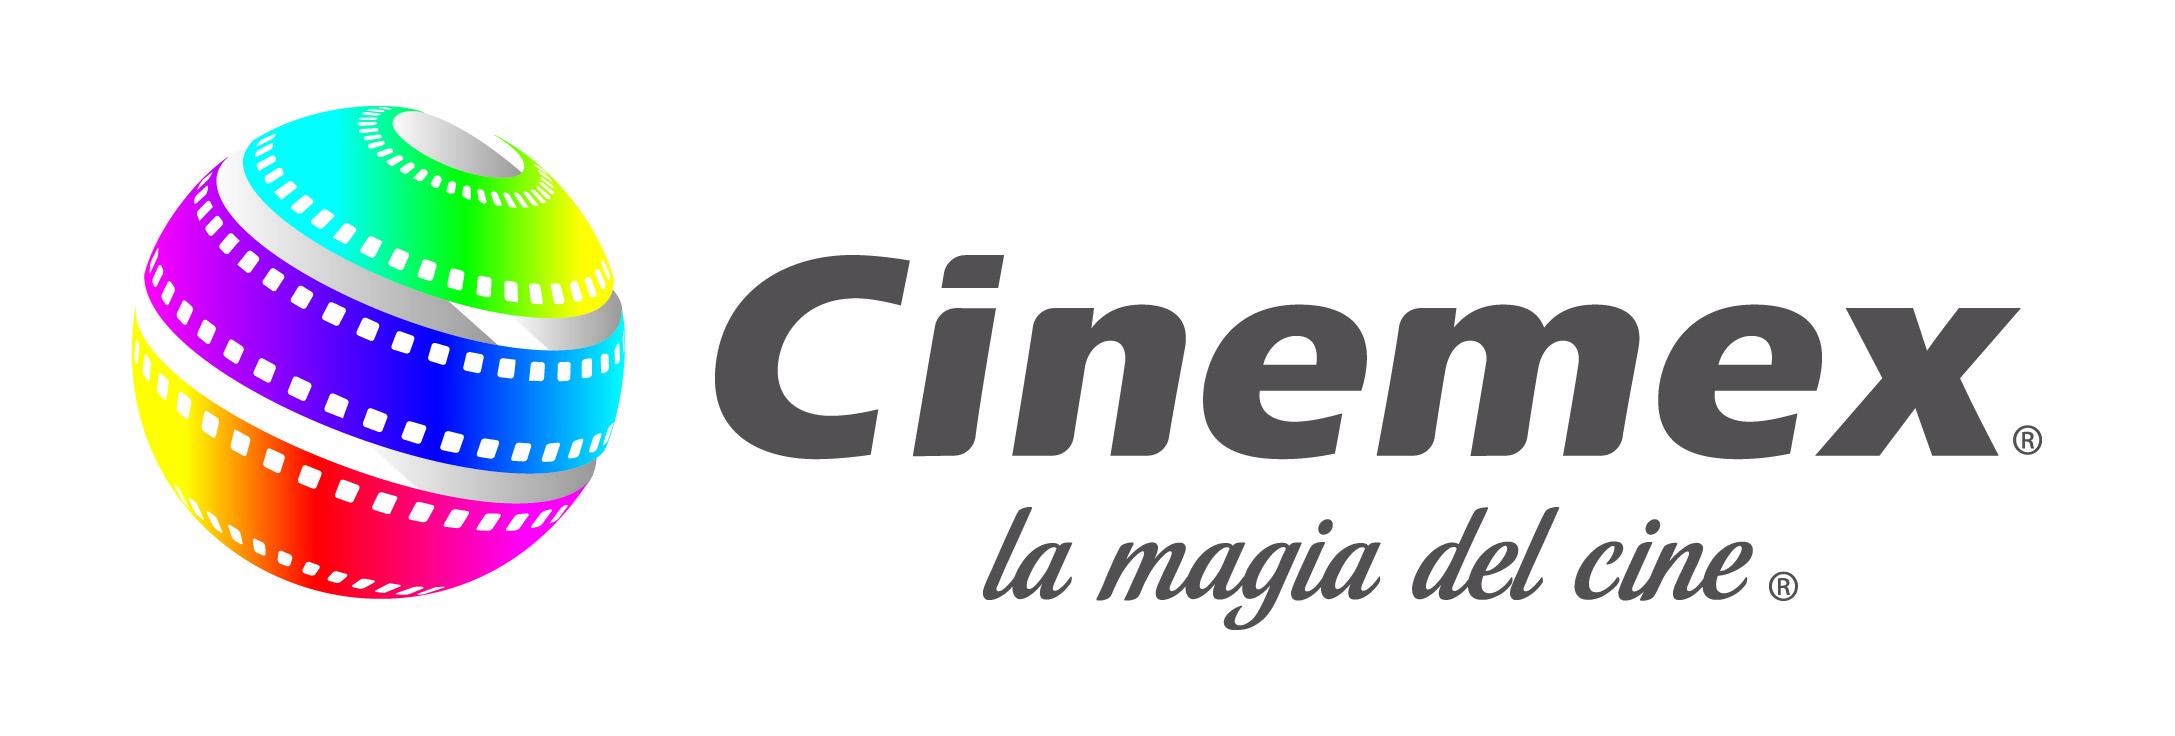 cinemexHOR1.jpg